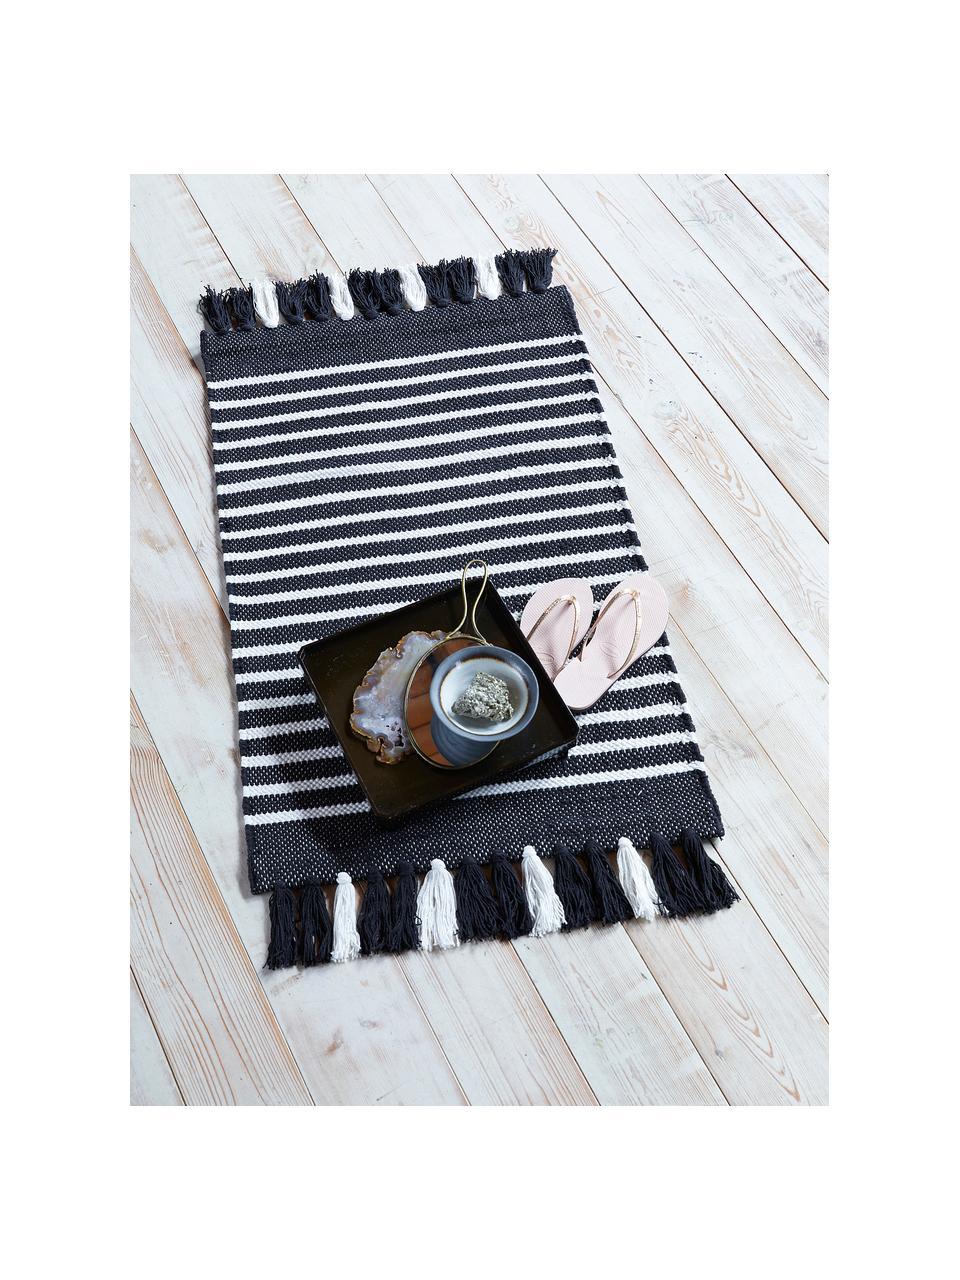 Tappeto bagno con frange Stripes & Structure, 100% cotone, Antracite, bianco latteo, Larg. 60 x Lung. 100 cm